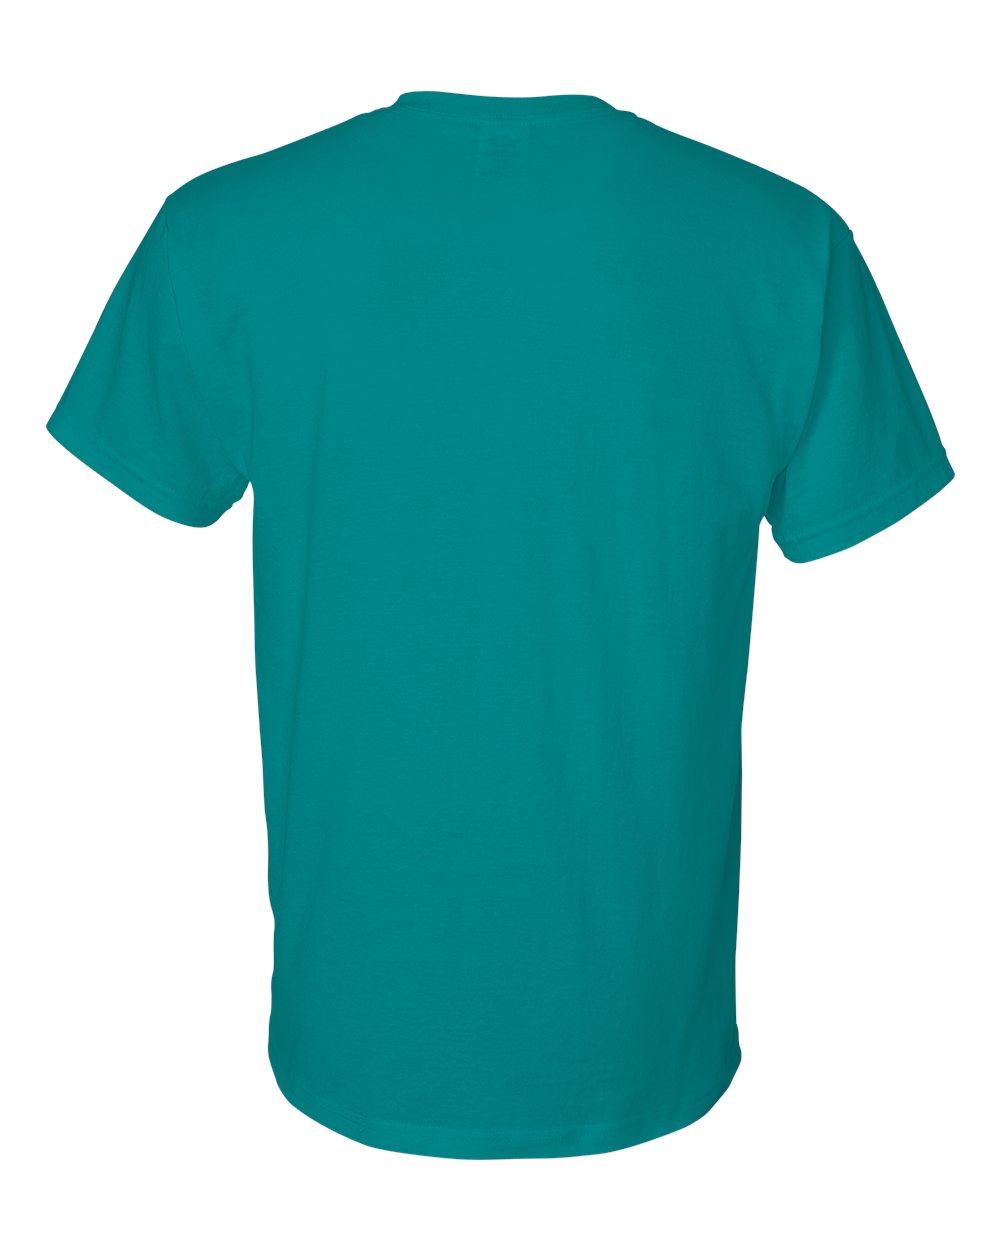 Gildan-Mens-DryBlend-5-6-oz-50-50-T-Shirt-G800-Size-S-5XL thumbnail 42